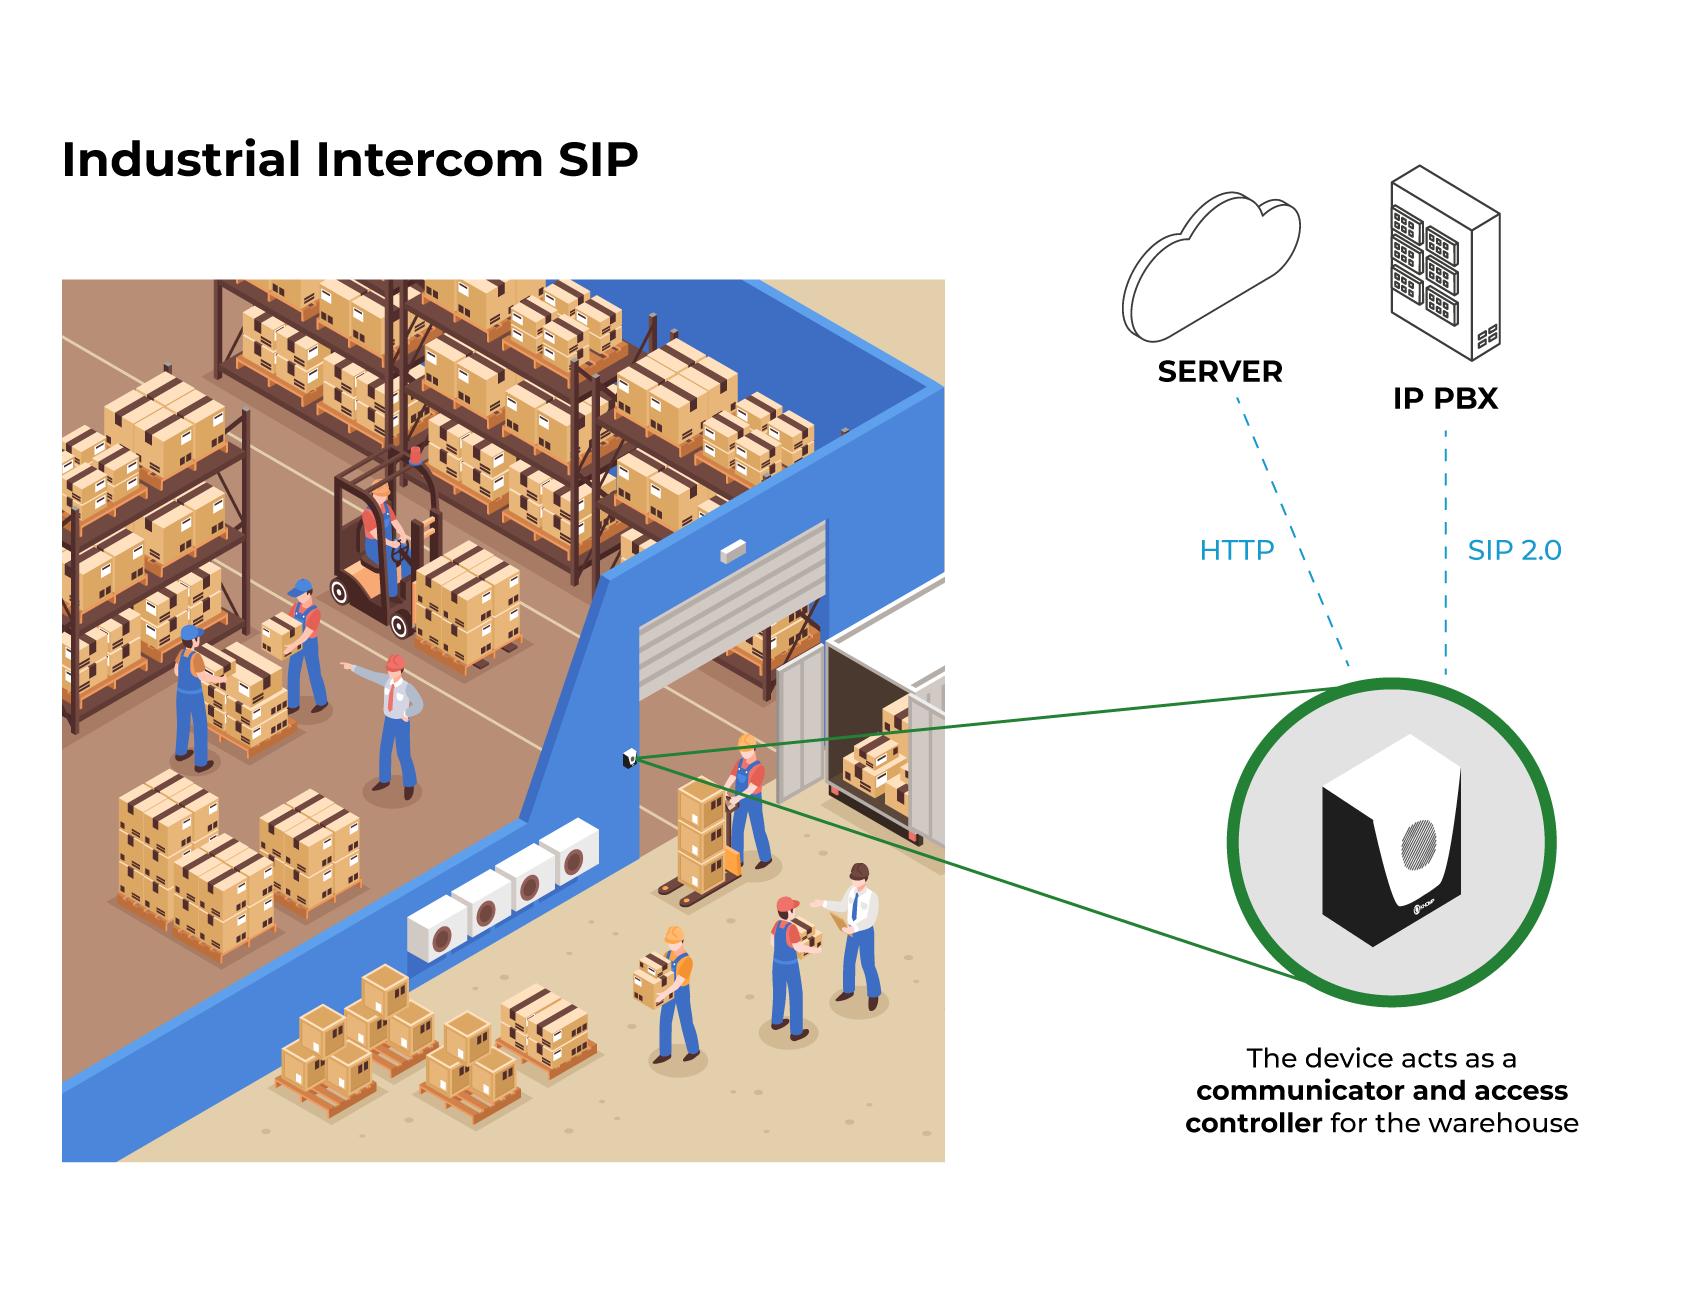 Application Model - SIP Industrial Intercom